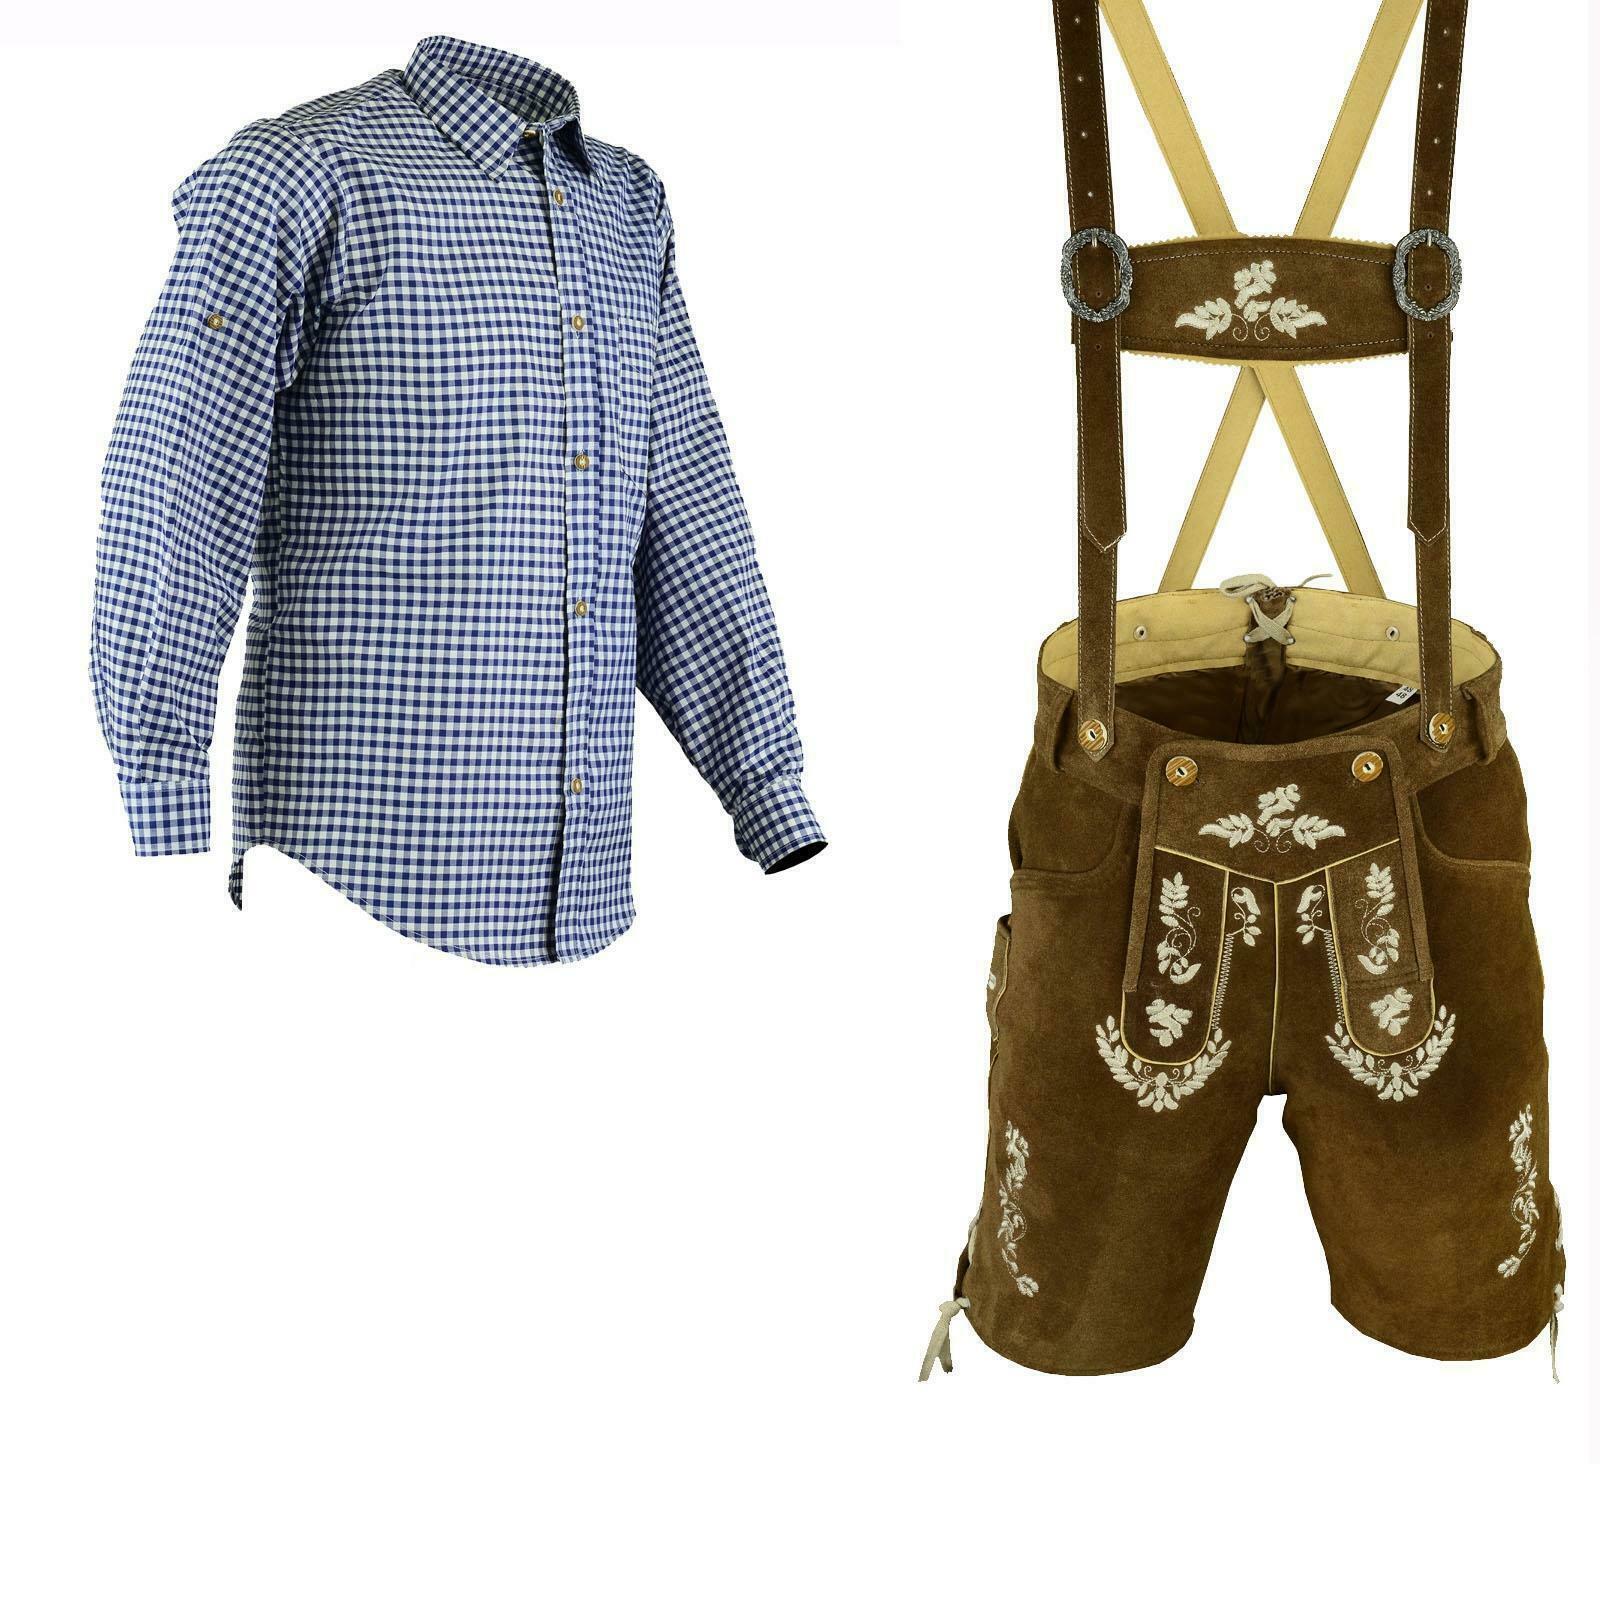 Herren Trachtenlederhose Kurz Blau Hemd Größe 46 bis 60 Trachten Set LE27B